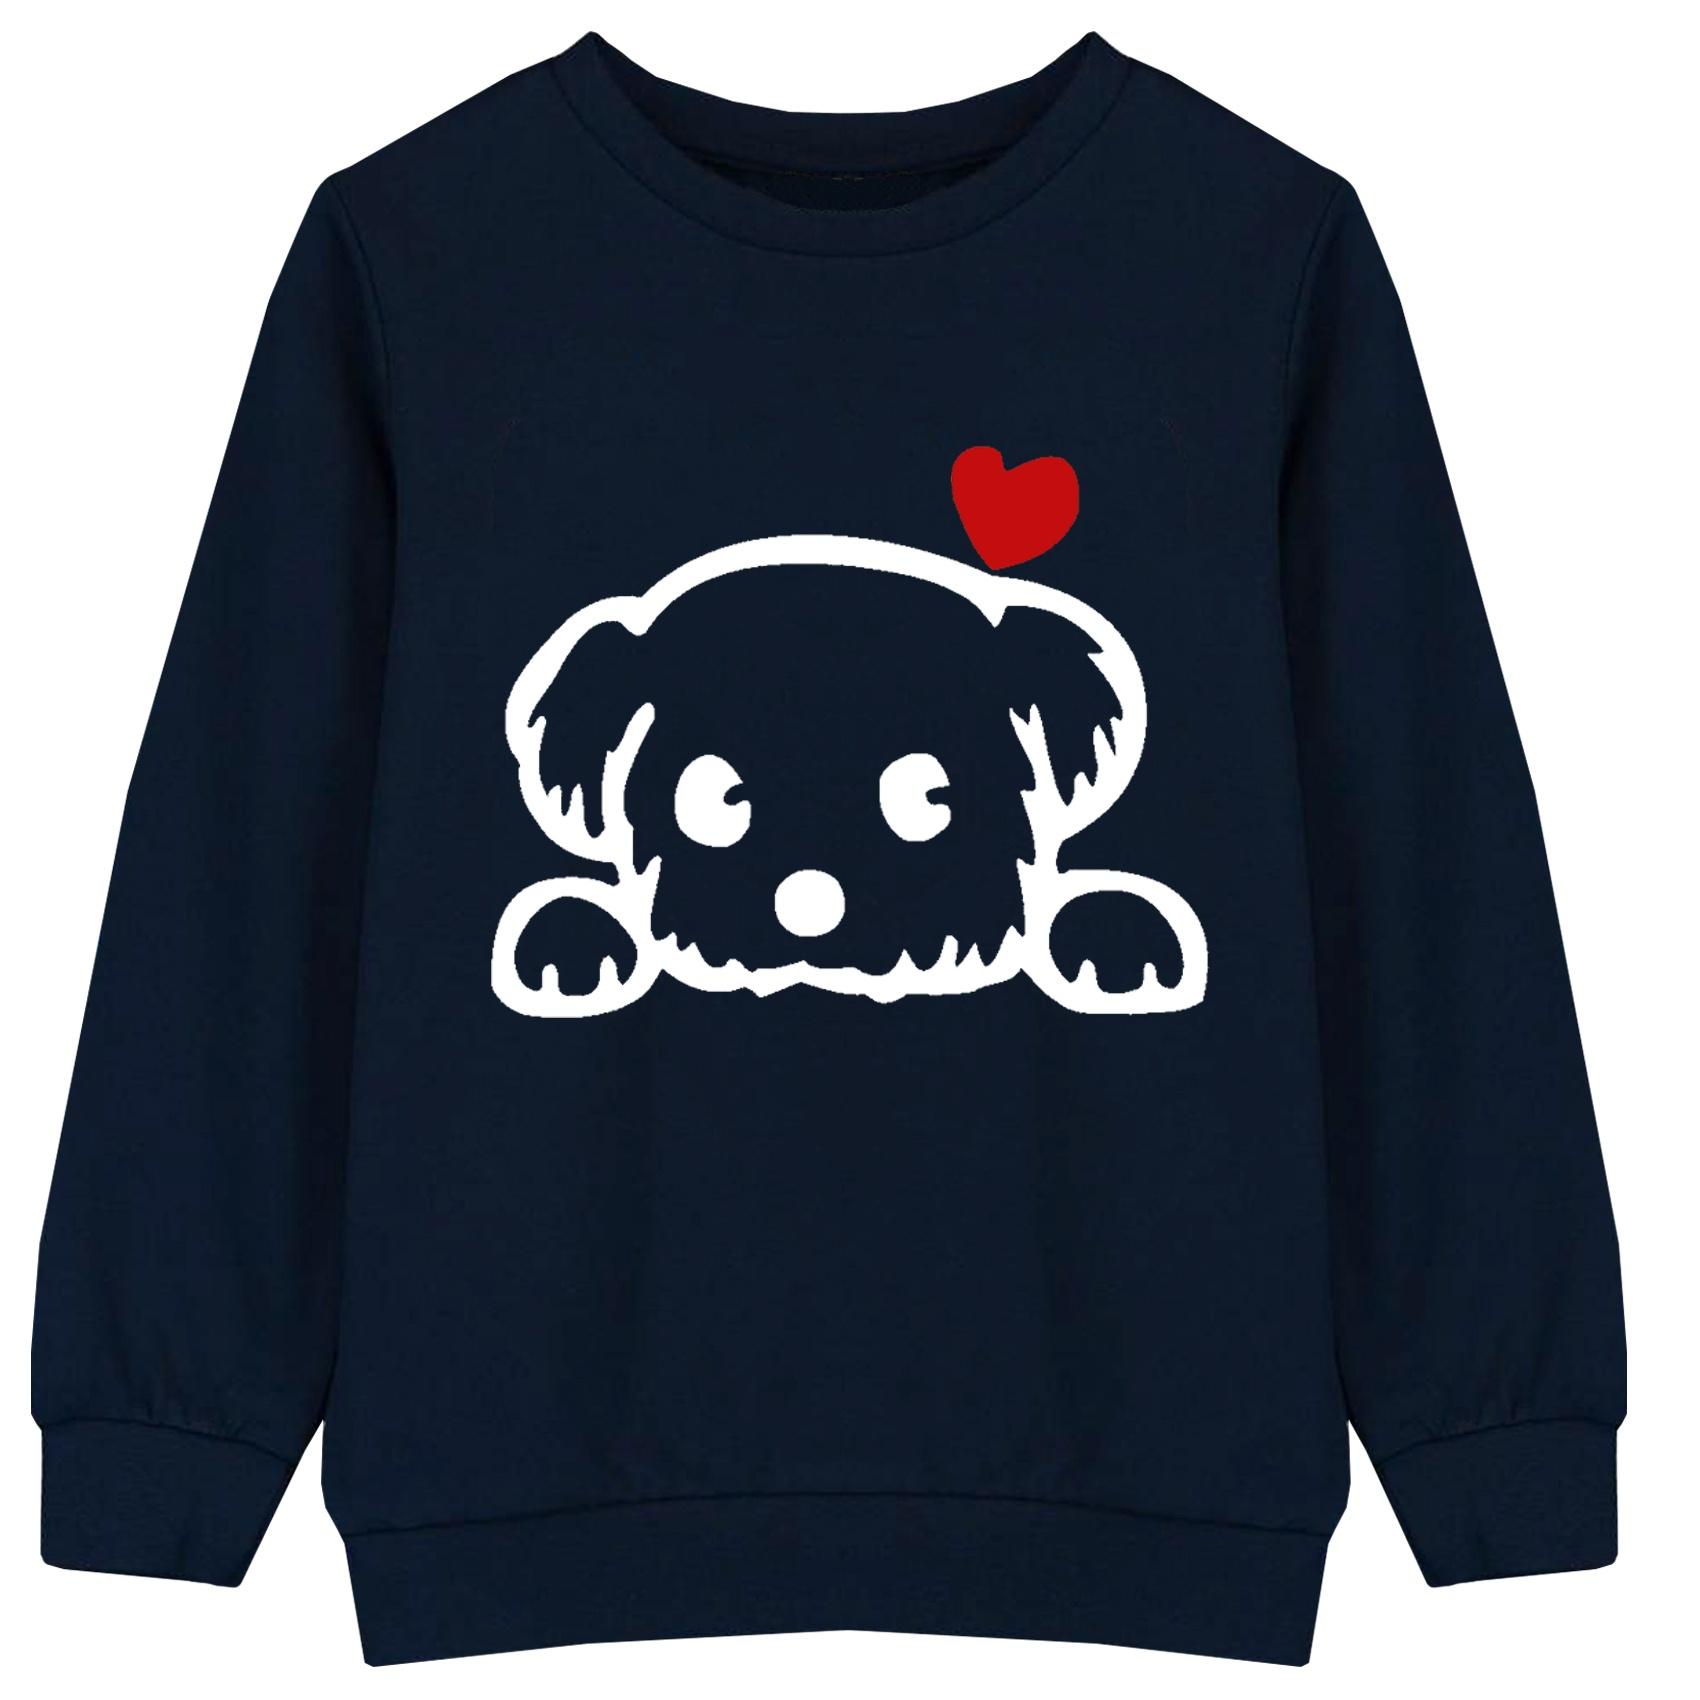 سویشرت پسرانه طرح سگ کد F04 رنگ سرمه ای